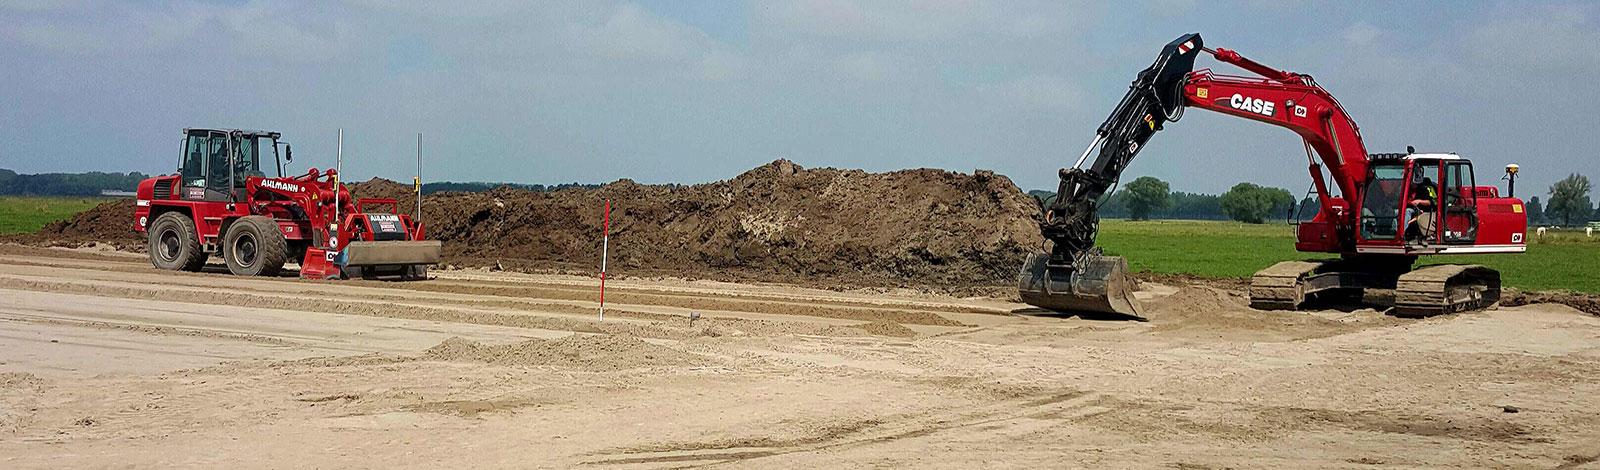 Sterk Heukelum - aannemer in grondwerken en machineverhuur banner 6